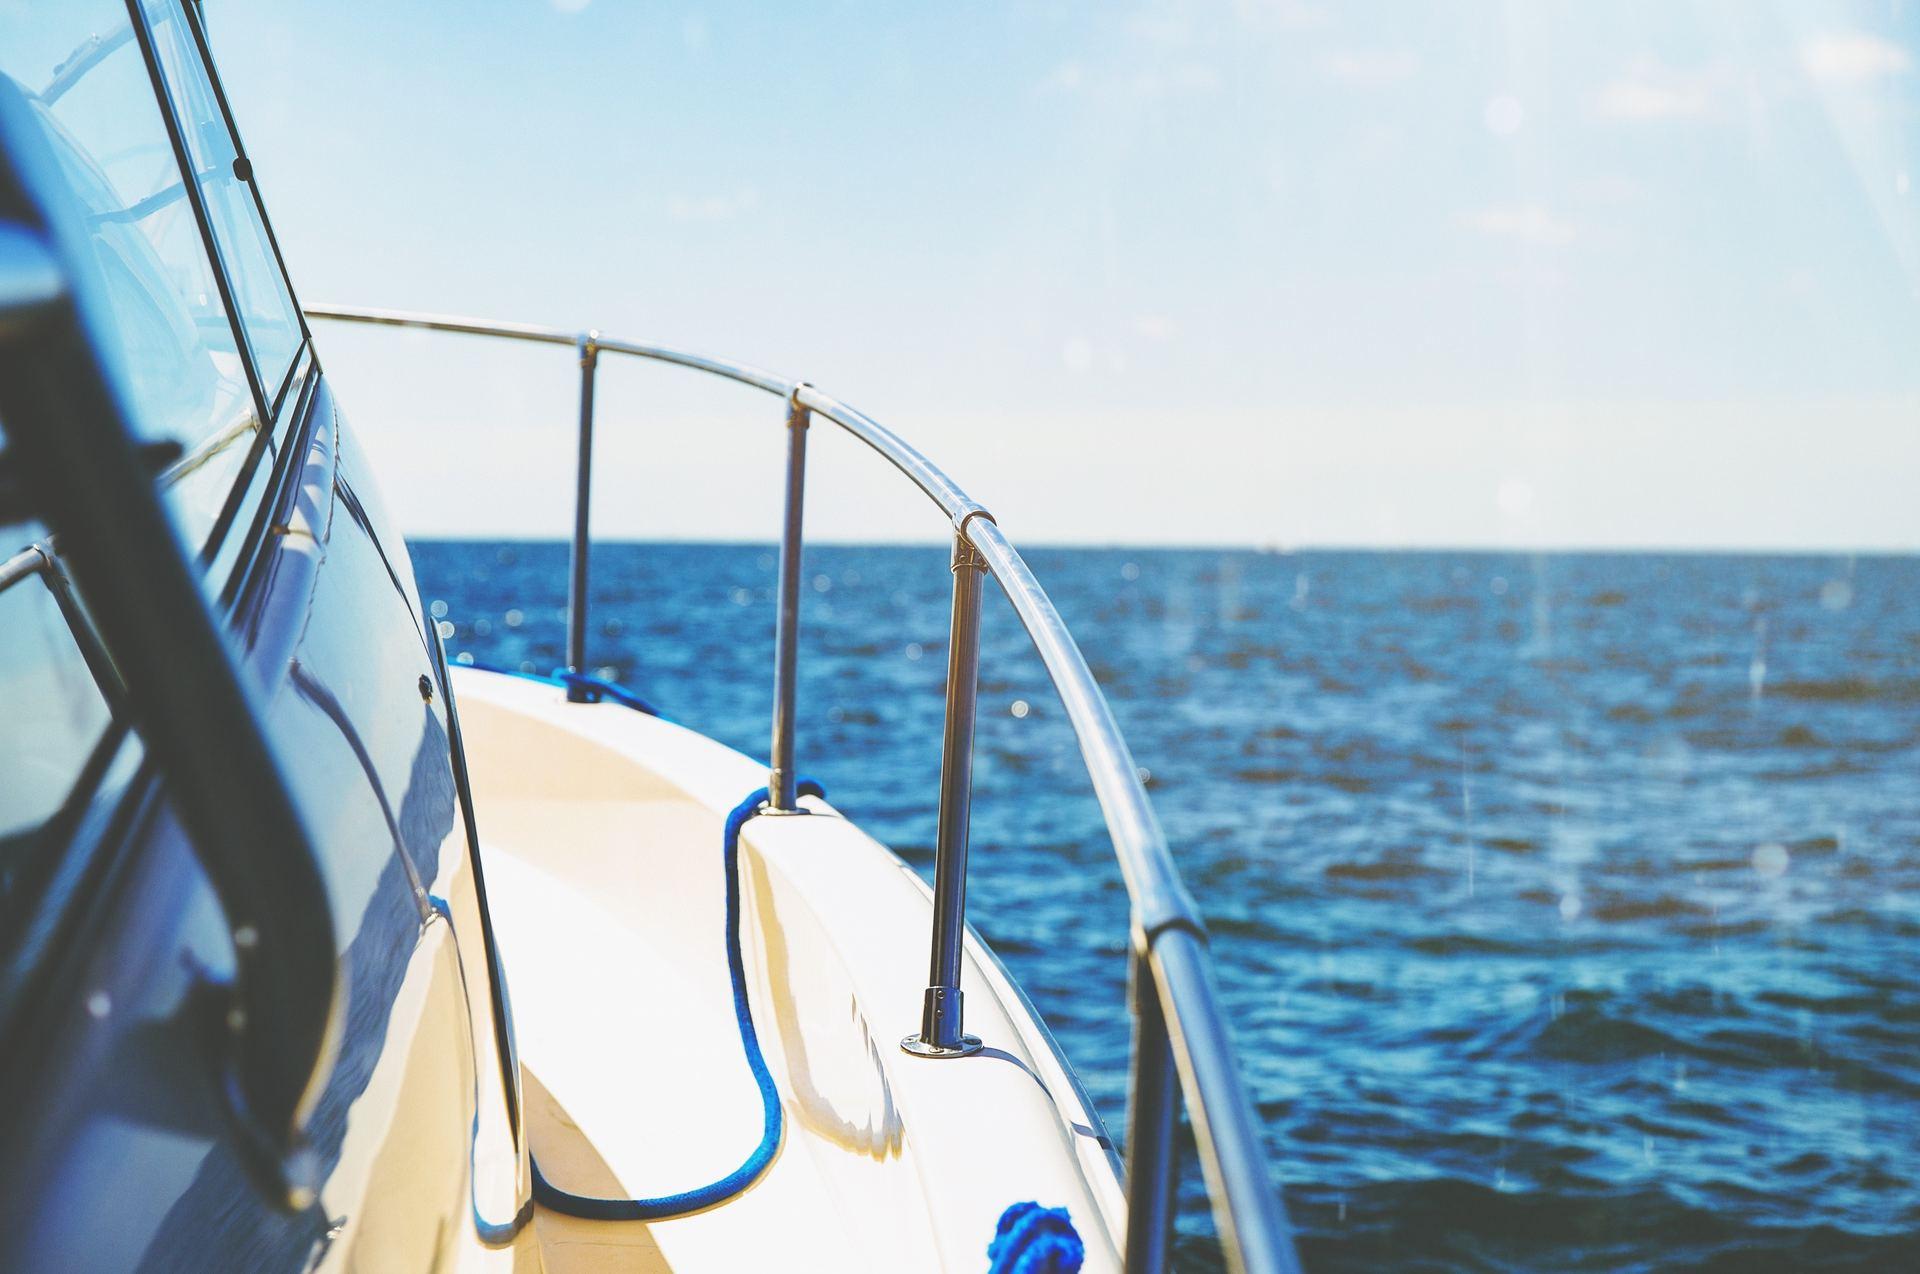 Ställ båten i hamnen i sommar